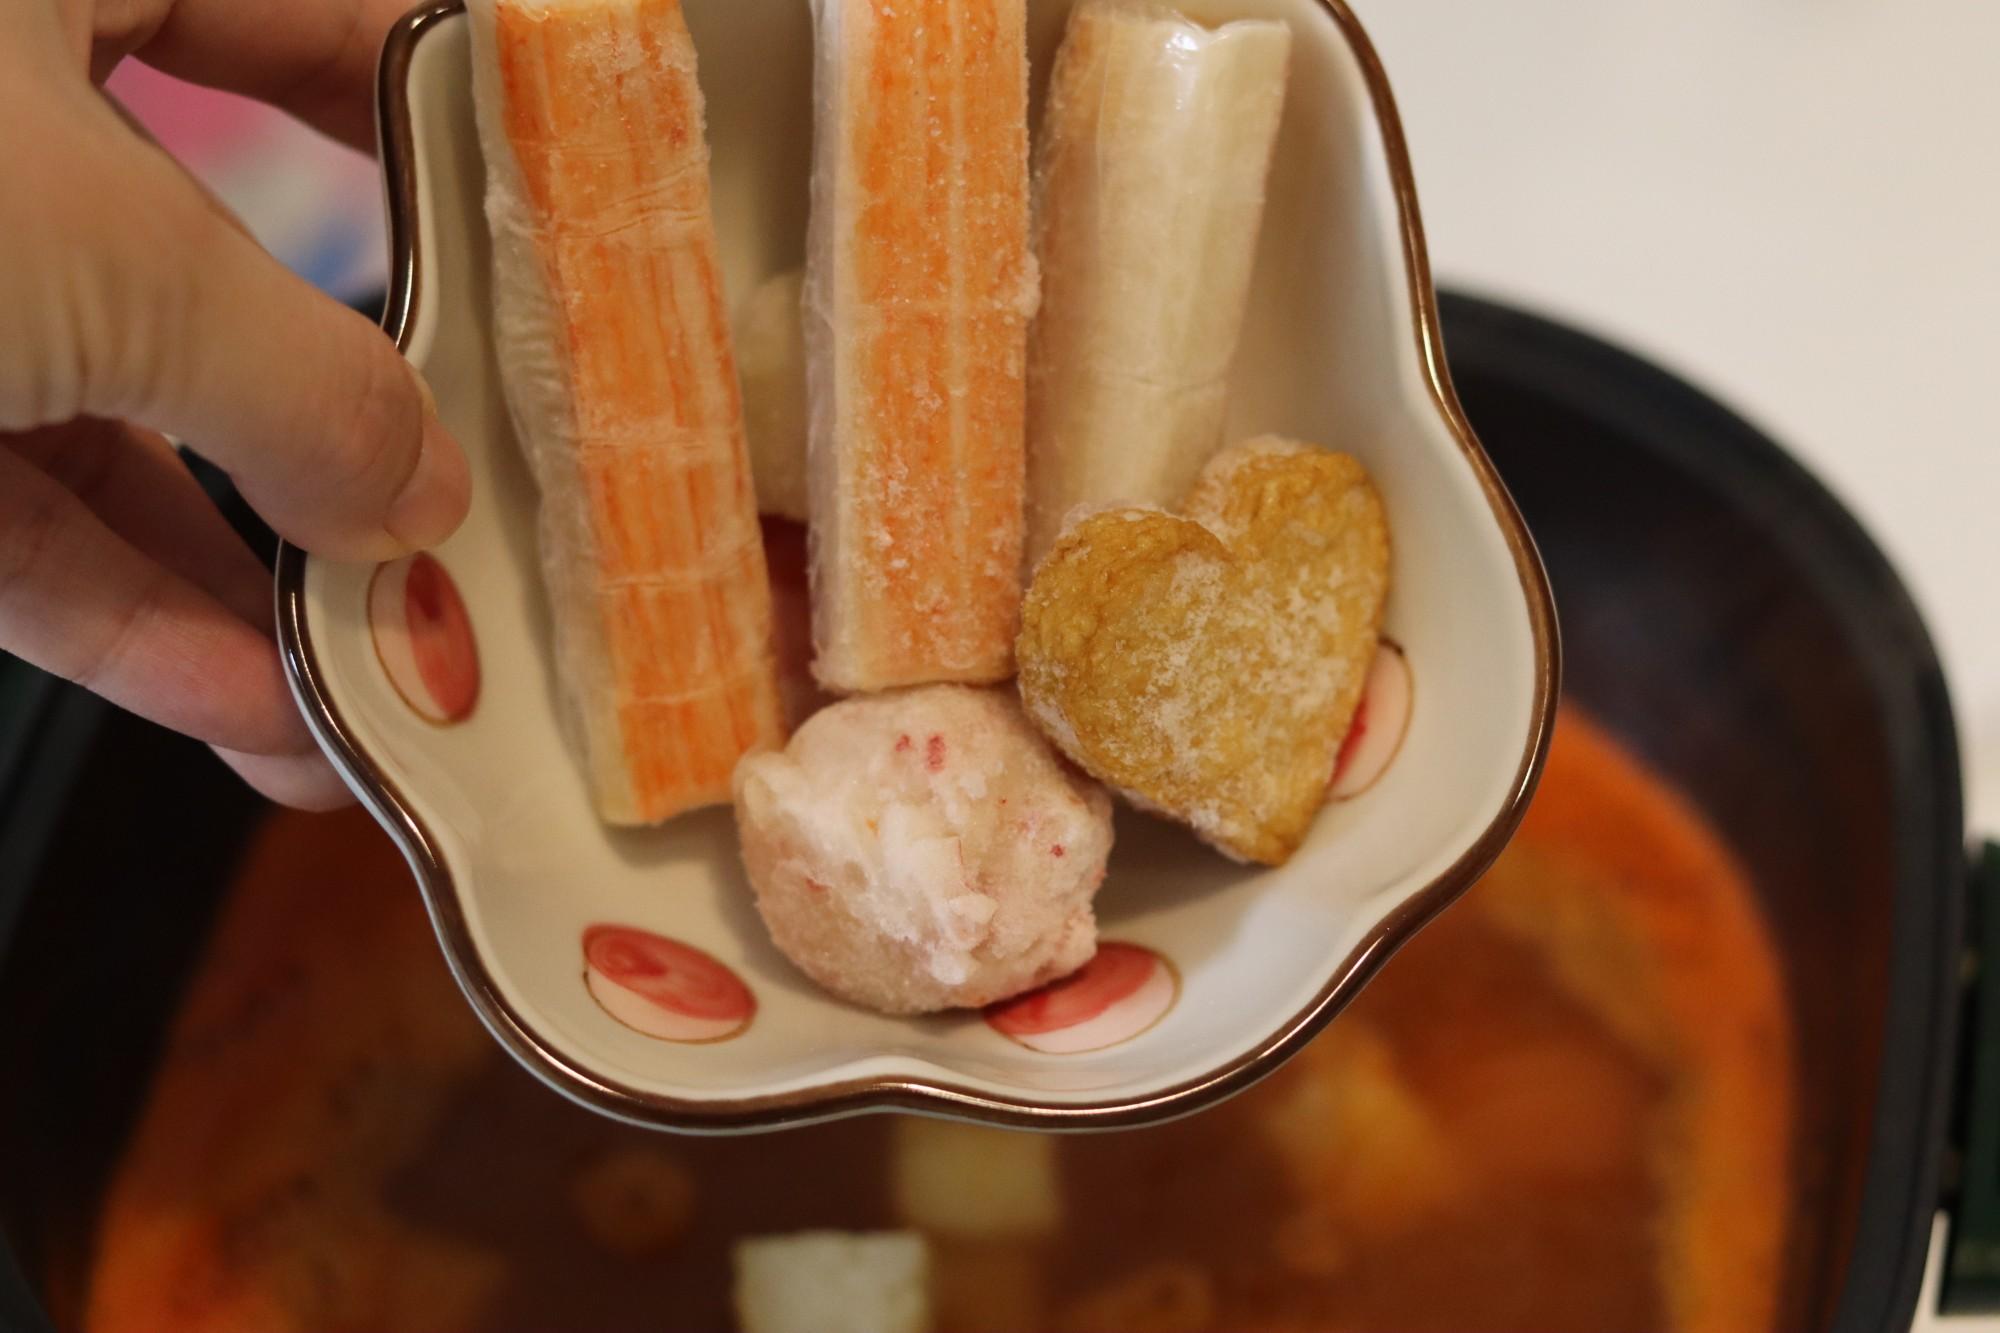 海鲜丸子番茄面怎么吃